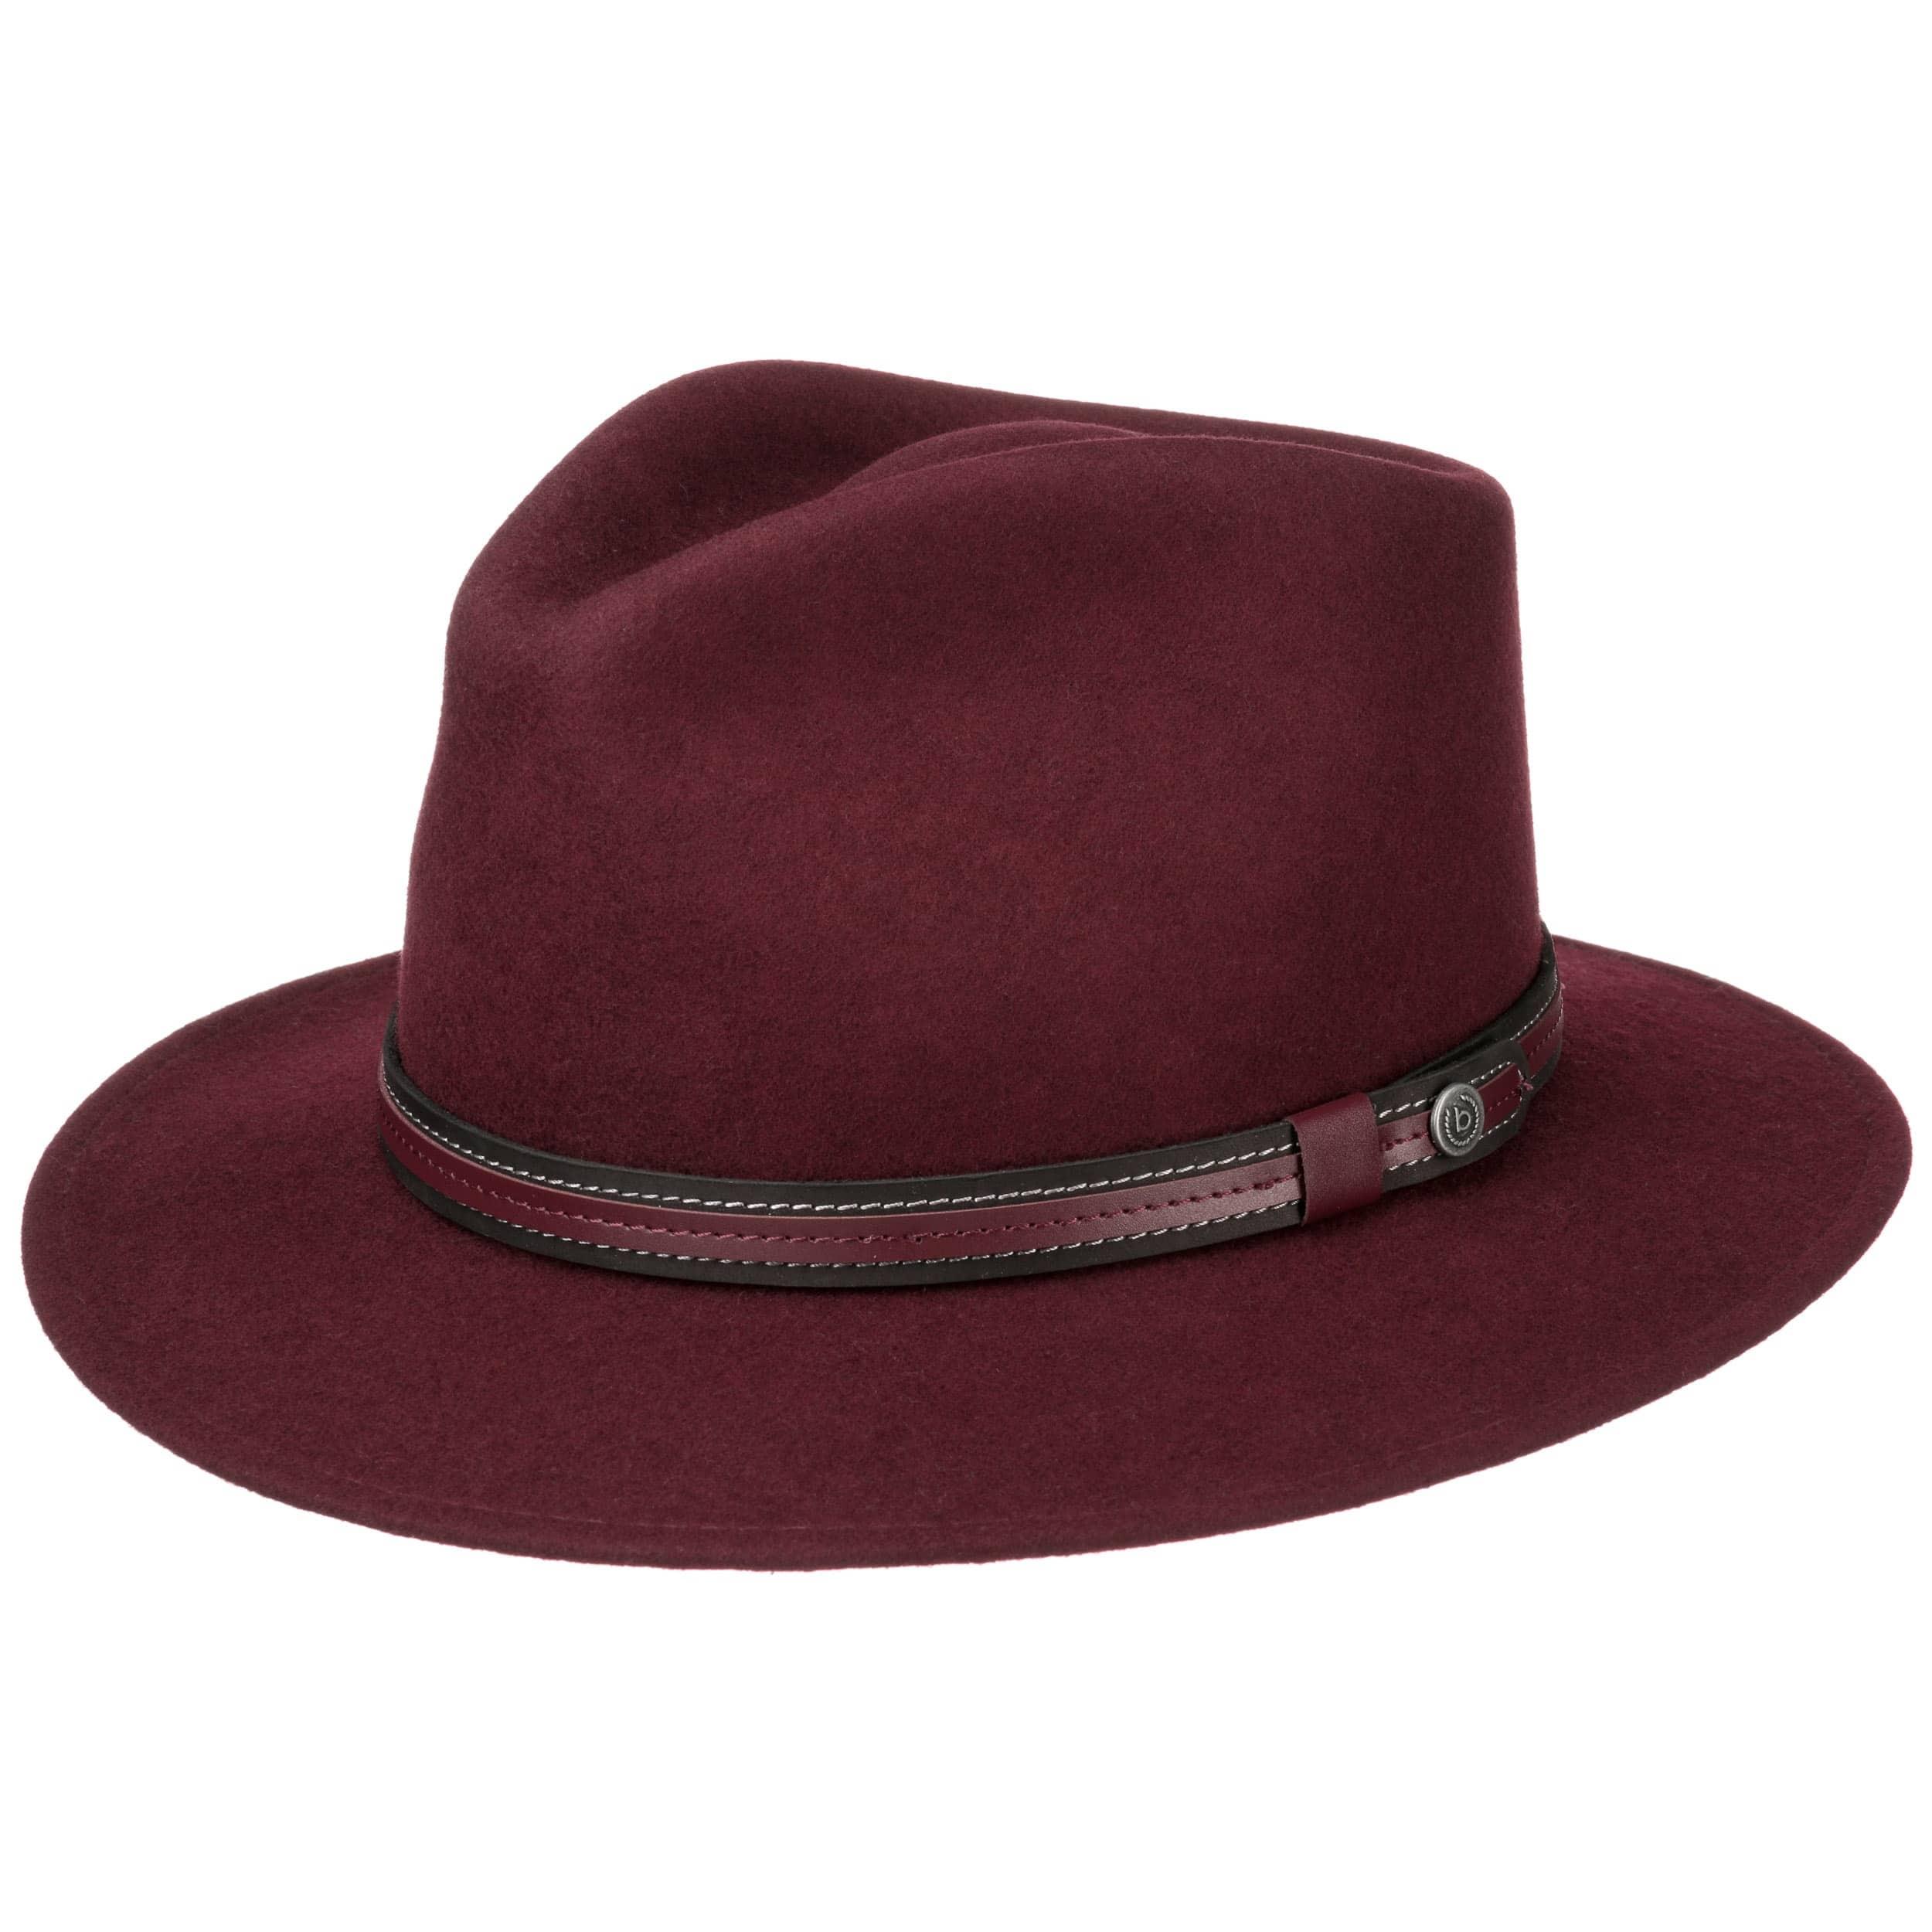 df279af261f Waterproof Traveller Wool Felt Hat by bugatti